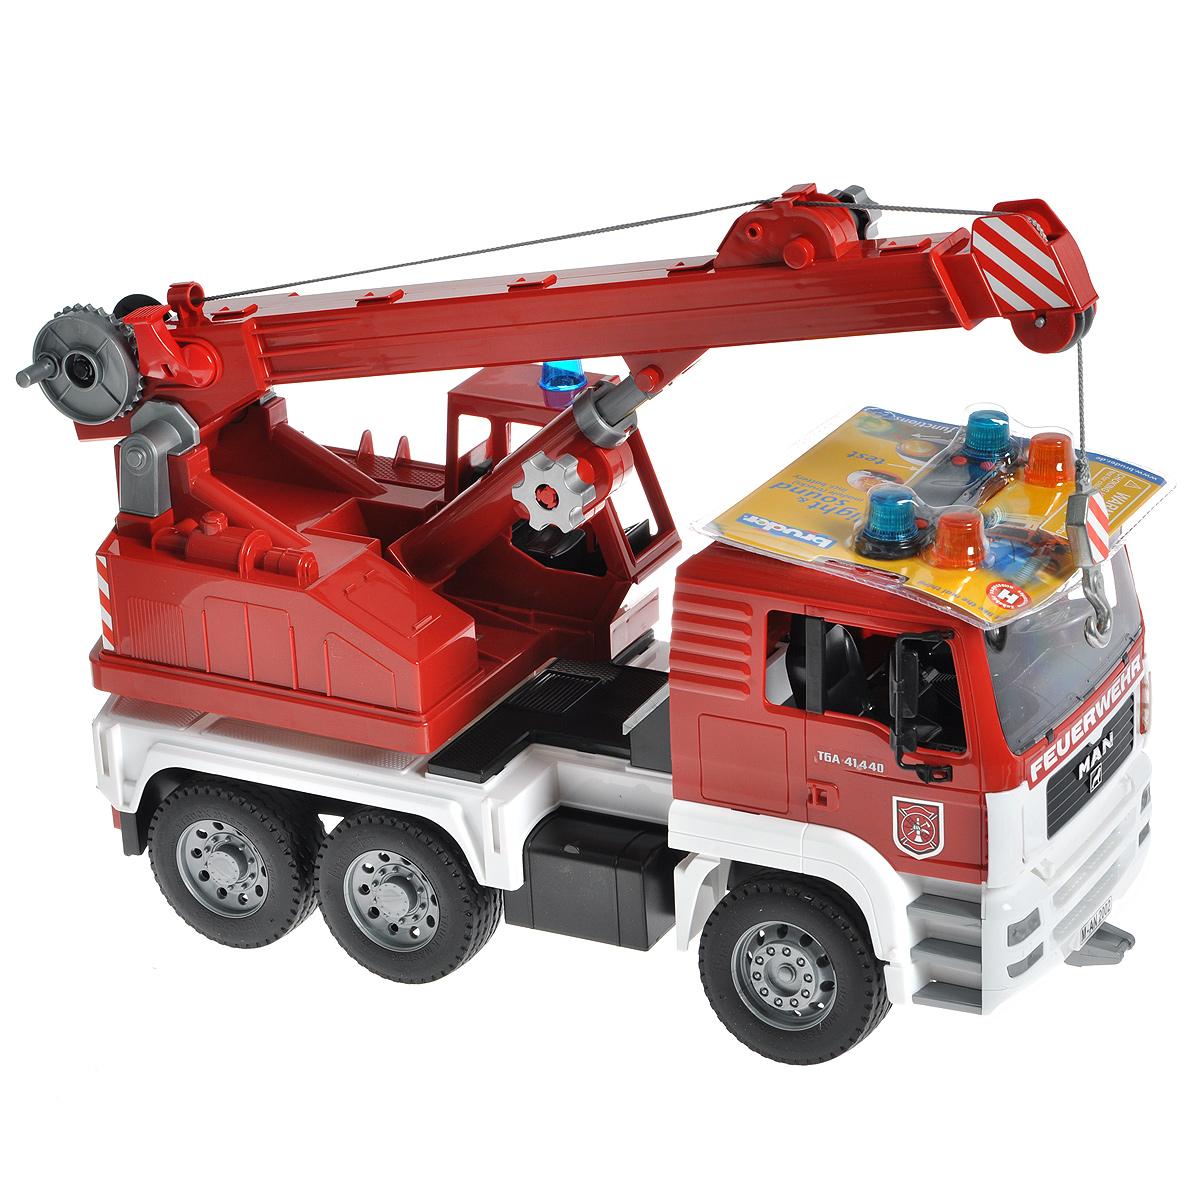 Bruder Пожарный автокран MAN02-770Пожарный автокран Bruder MAN, выполненный из прочного безопасного материала красного, серебристого и белого цветов, отлично подойдет ребенку для различных игр. Машина является уменьшенной копией пожарного автокрана фирмы MAN. Пожарный автокран оборудован веревкой с крюком, который скручивается лебедкой, и телескопической стрелой, меняющей угол наклона. Стрела выдвигается специальной ручкой. Платформа автокрана поворачивается на 360°; на ней установлена кабина для управления краном. Также пожарная машина оснащена четырьмя опорами для устойчивости и ящиком для инструментов. Водительская кабина откидывается, что обеспечивает доступ к двигателю; зеркала складываются. В кабину помещается небольшая игрушка. Машина дополнена съемным модулем с мигающими лампочками и звуком продолжительностью 18 секунд, работающим в четырех режимах: гудок, звук двигателя, мигающие лампочки, сирена (американская, европейская). Прорезиненные колеса обеспечивают машине устойчивость и...